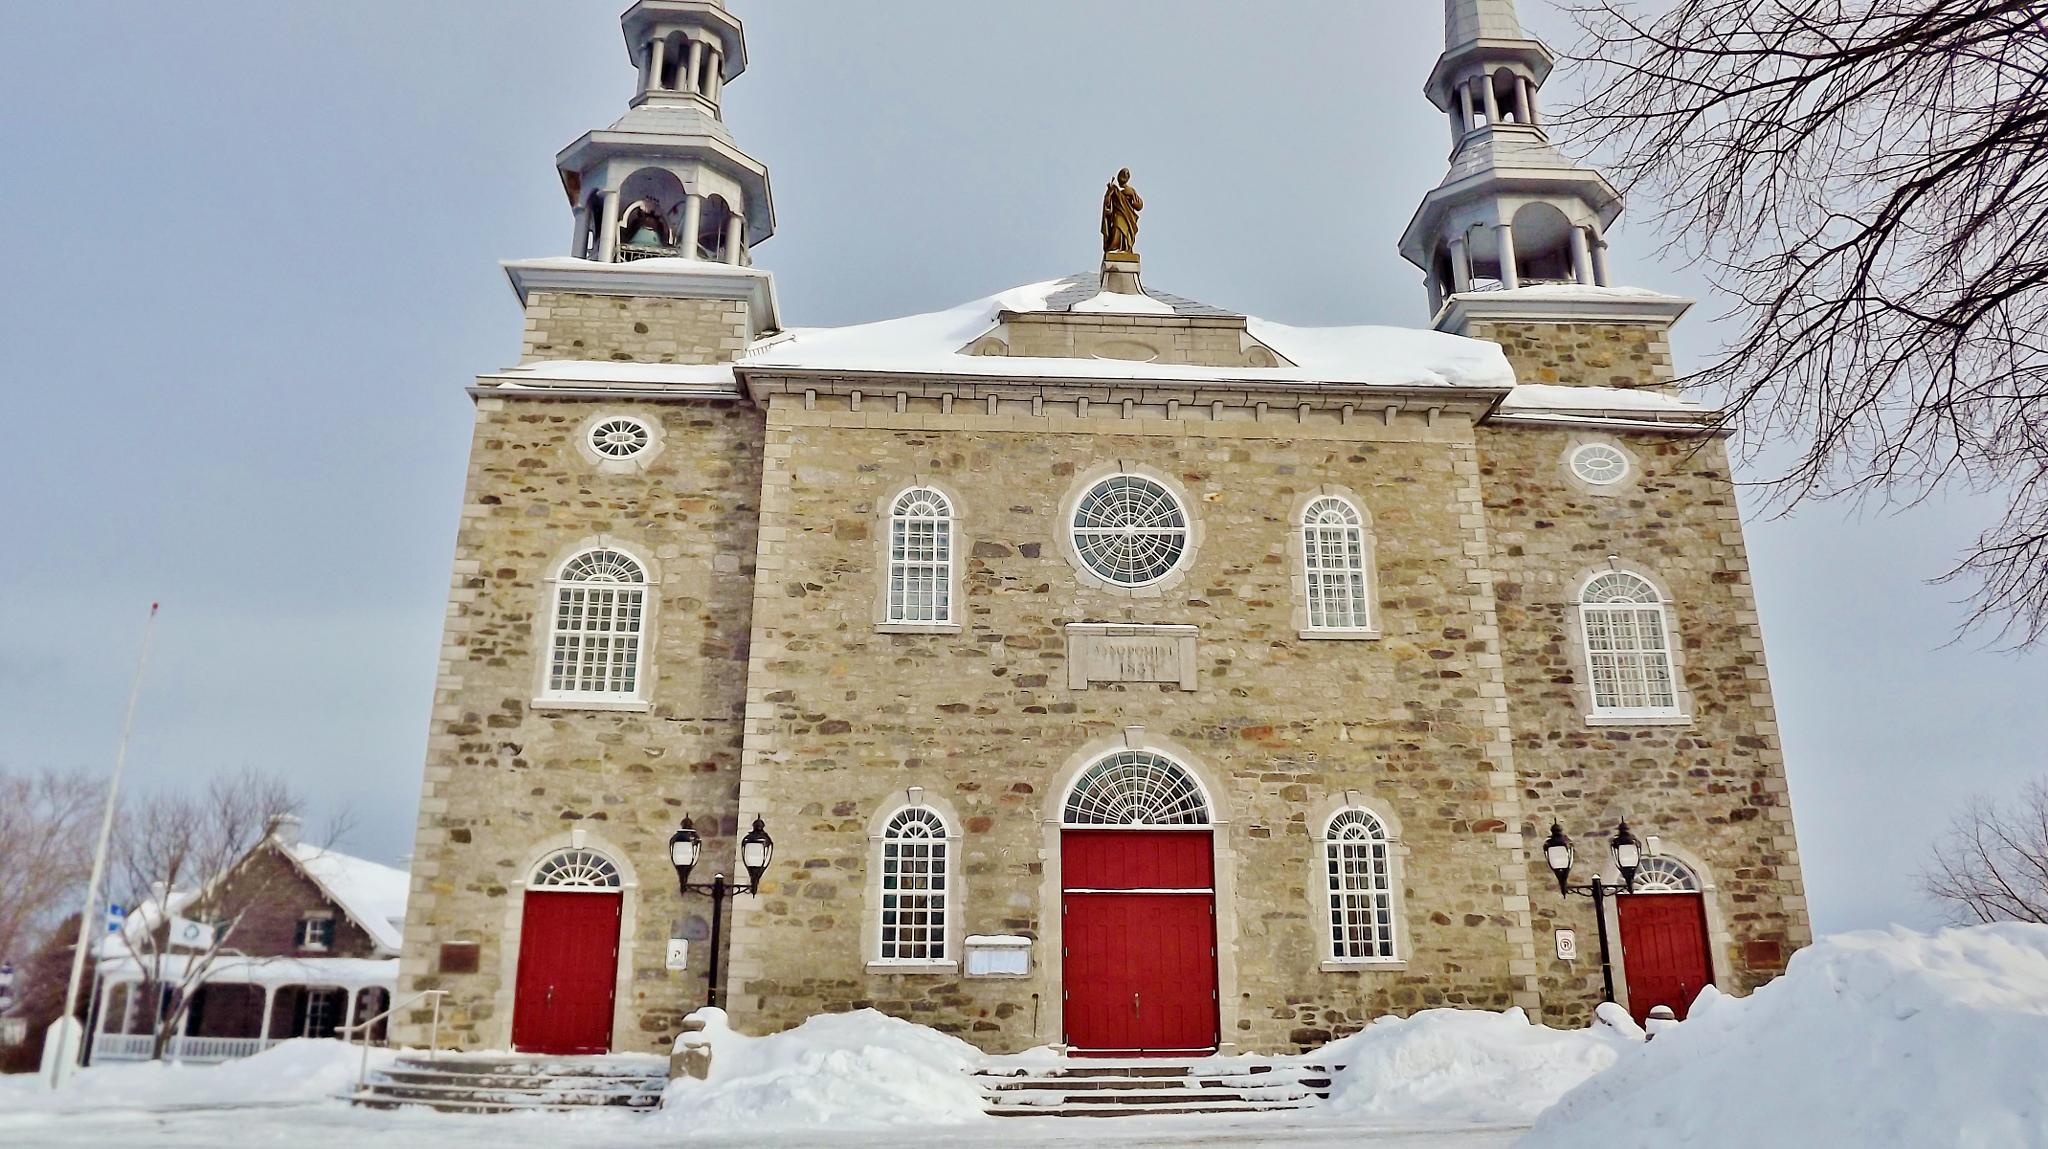 L'église de Deschambault by real.michaud.5036